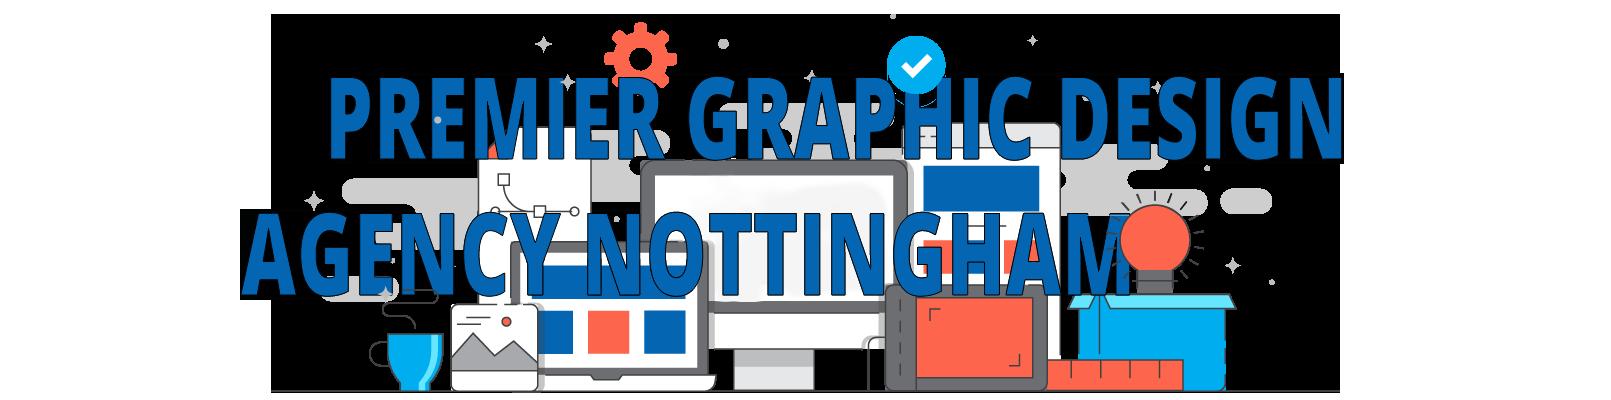 seek social premier graphic design agency nottingham header with transparent background